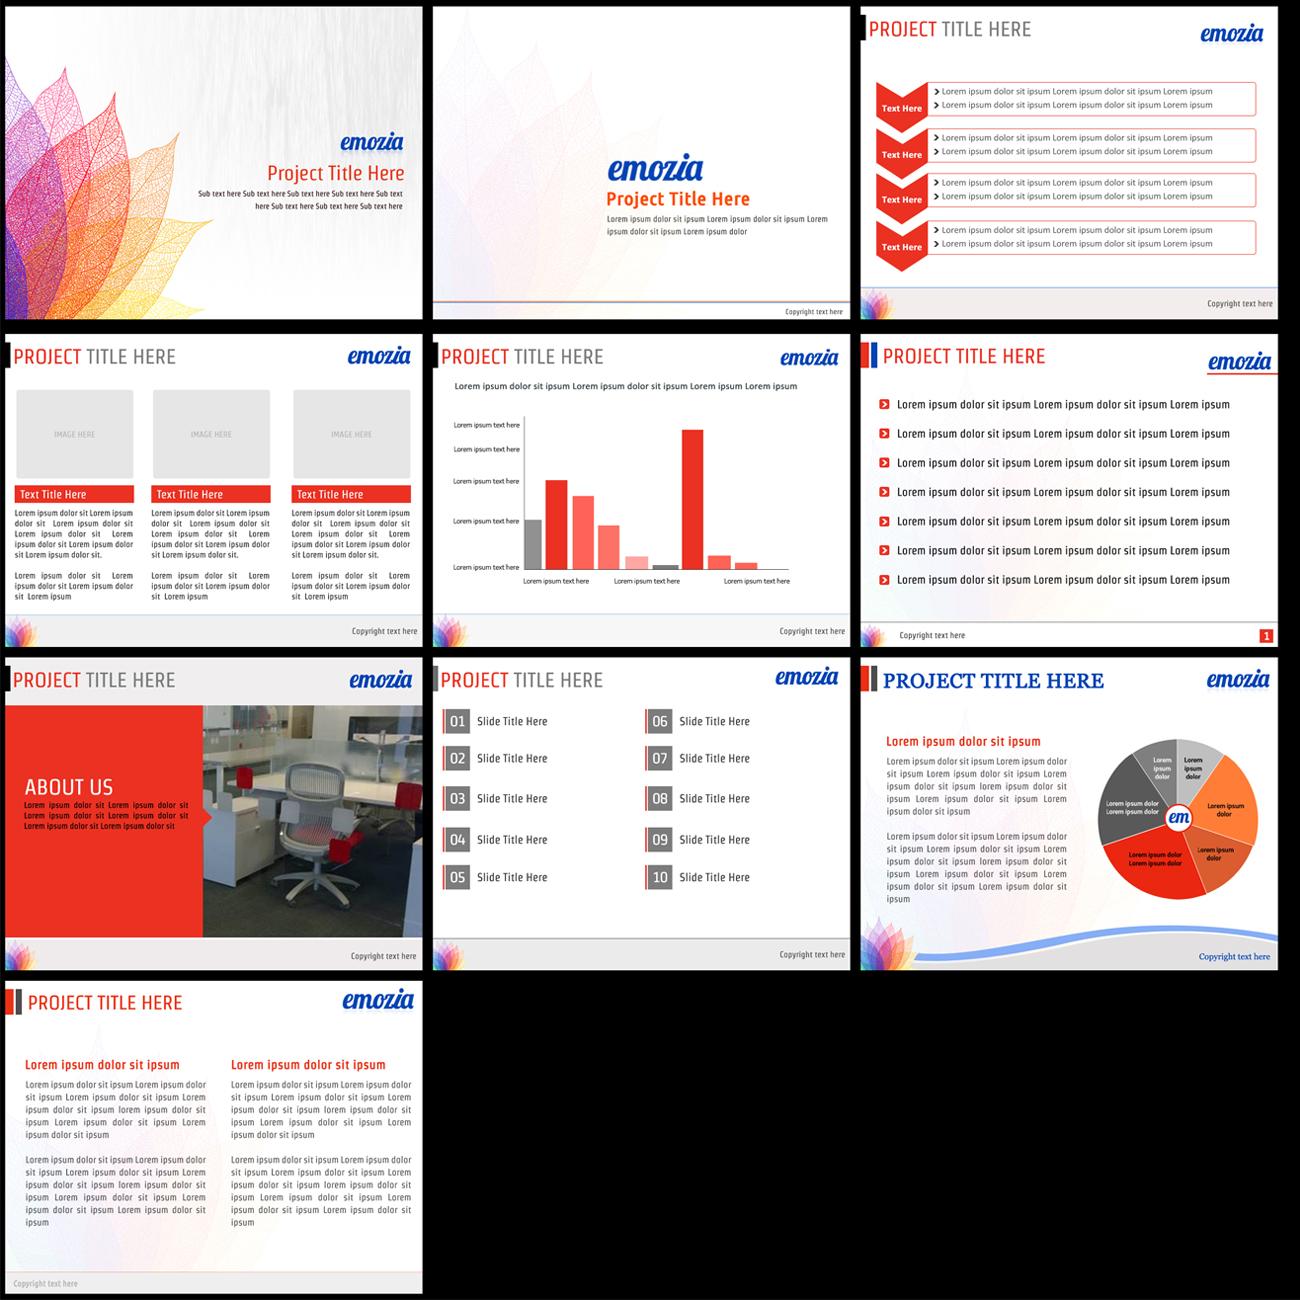 powerpoint design for emozia by best design hub design 3631077. Black Bedroom Furniture Sets. Home Design Ideas